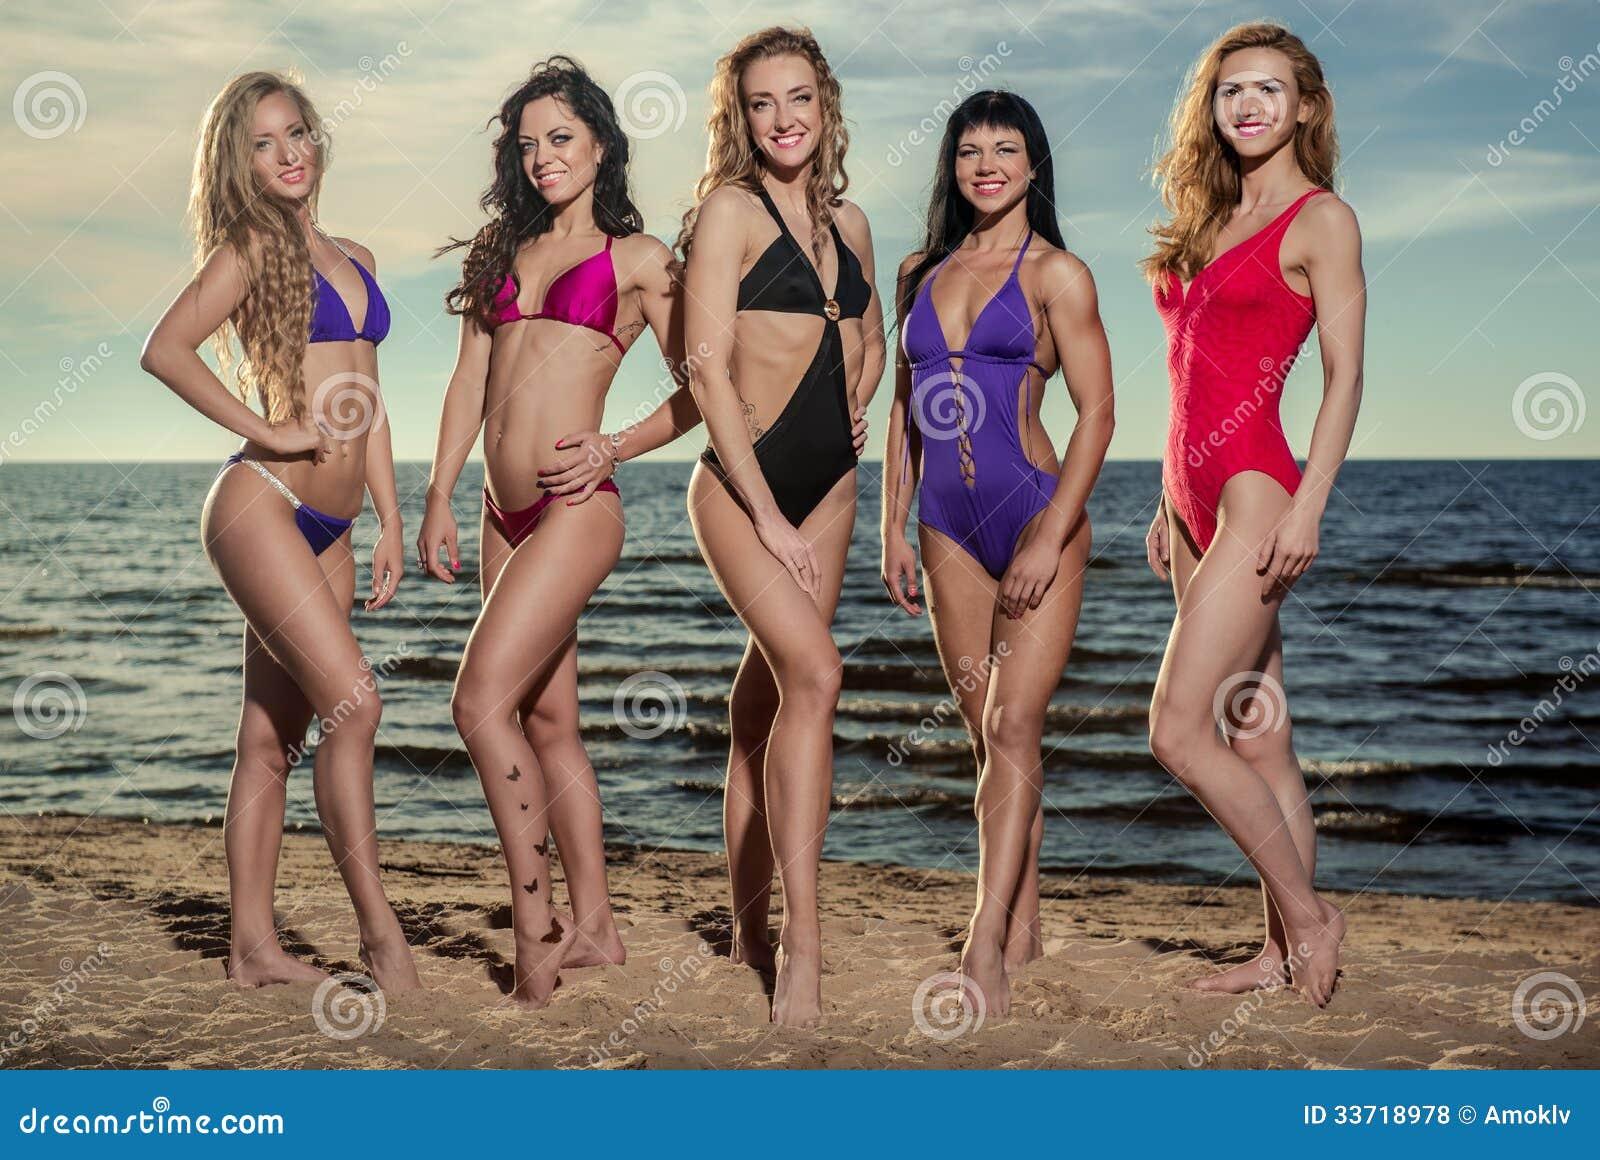 Дамы на пляже фото фото 553-849